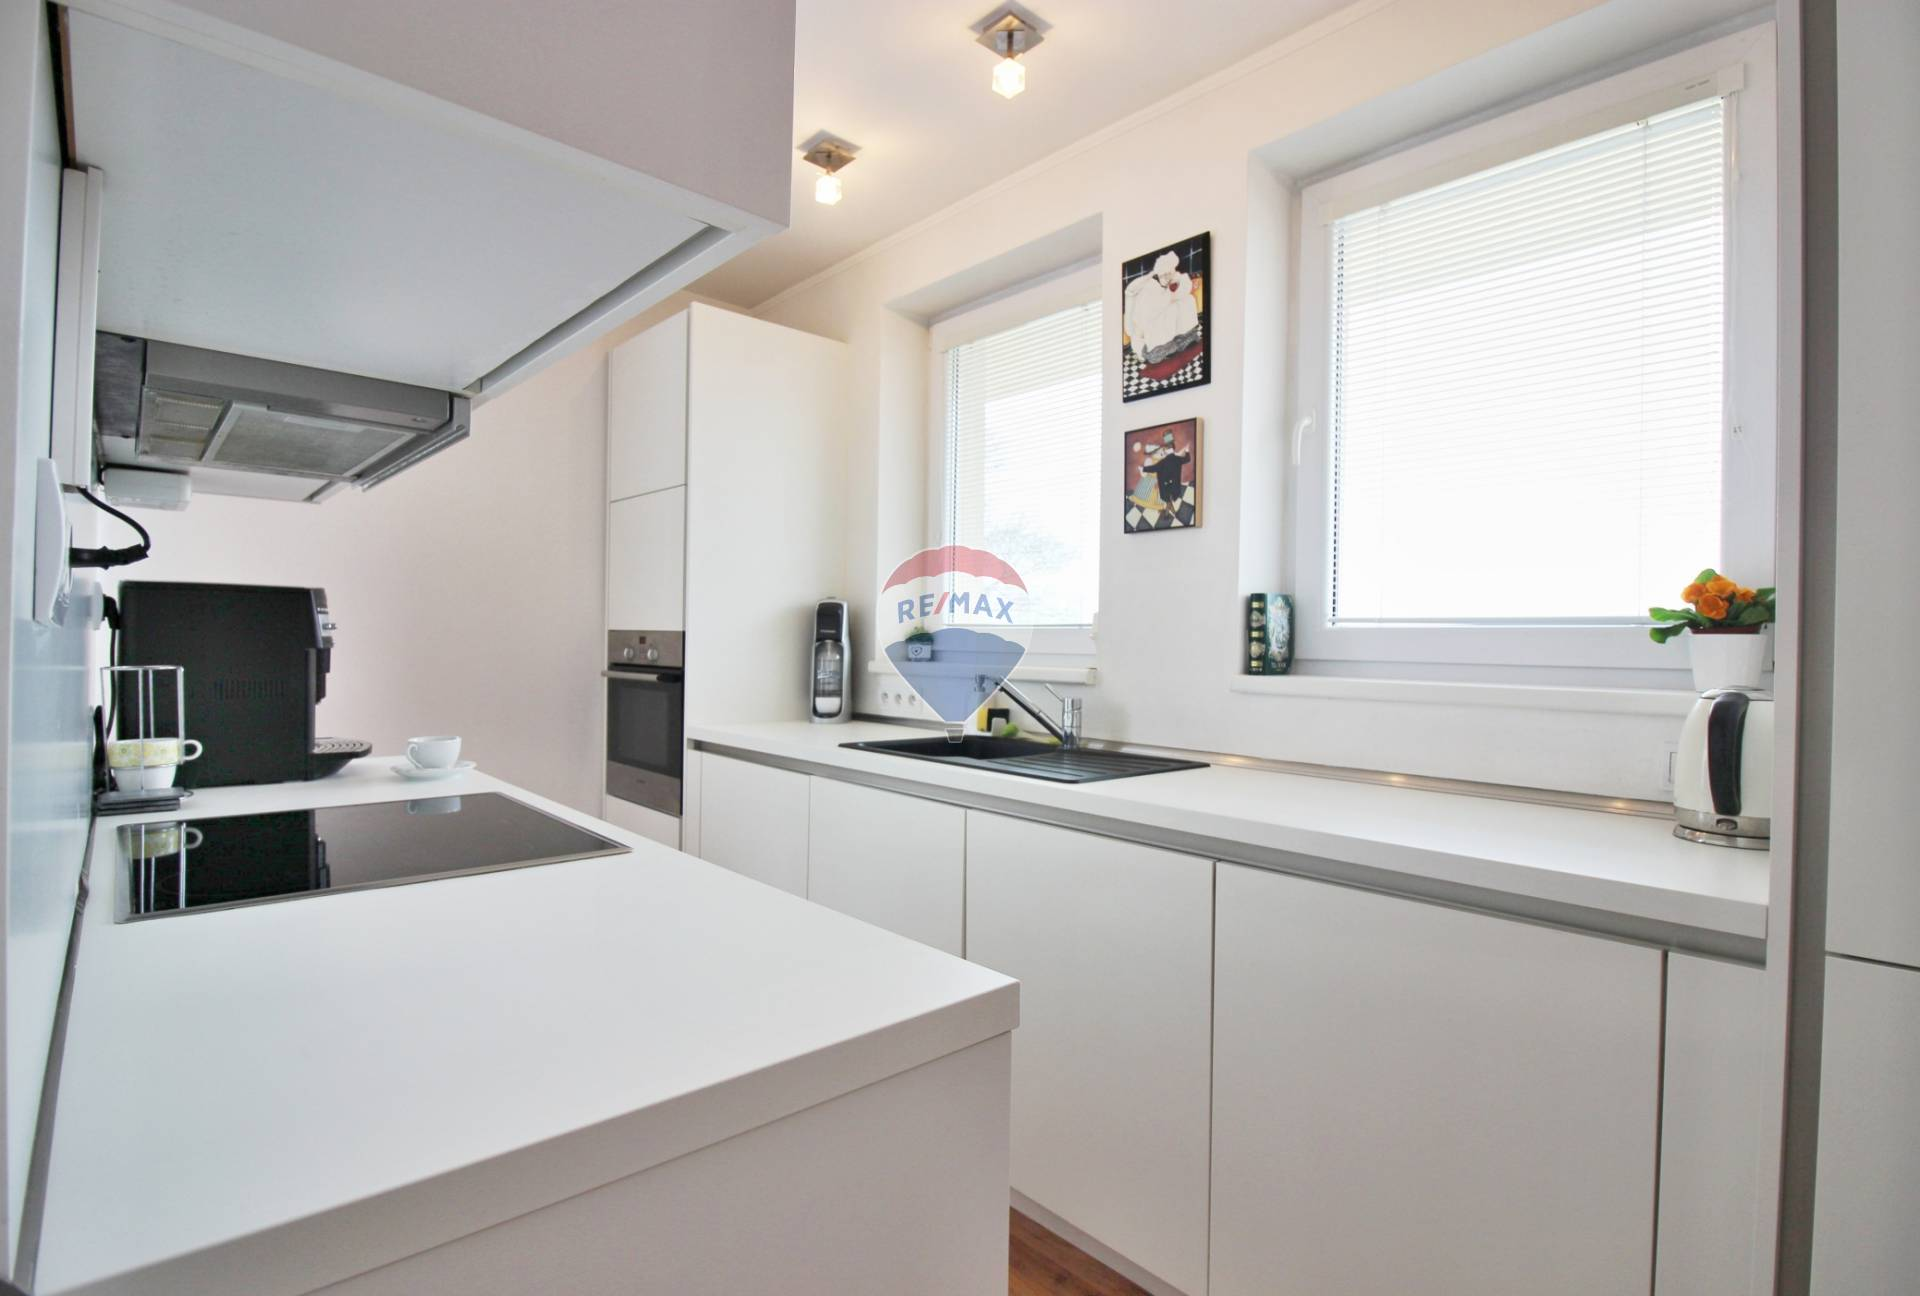 Predaj domu 159 m2, Nové Mesto nad Váhom - kuchyňa